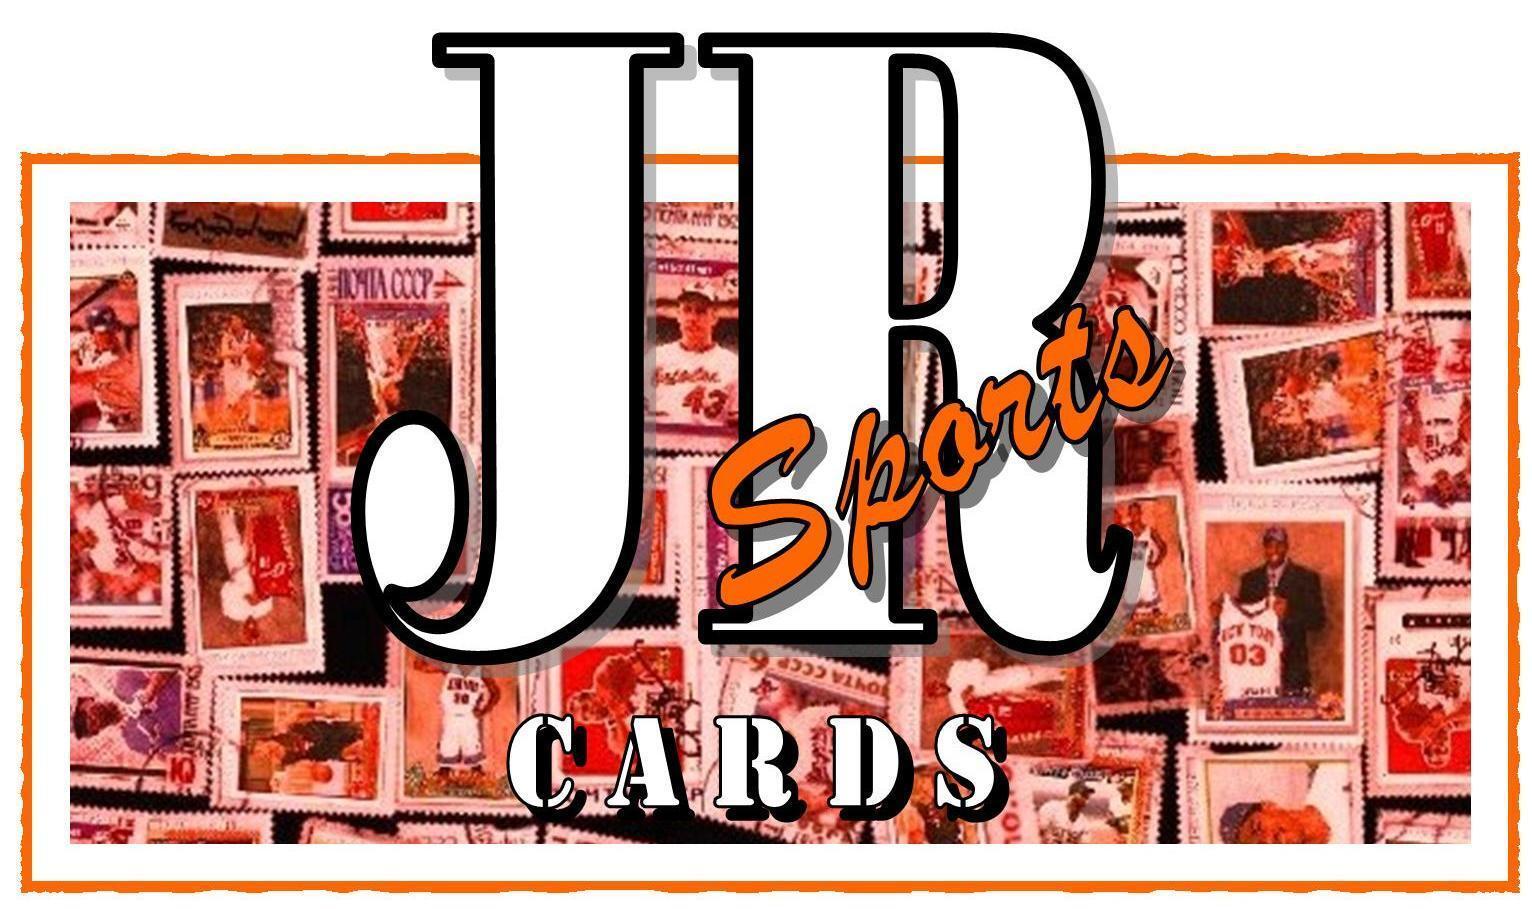 JR Cards 2000